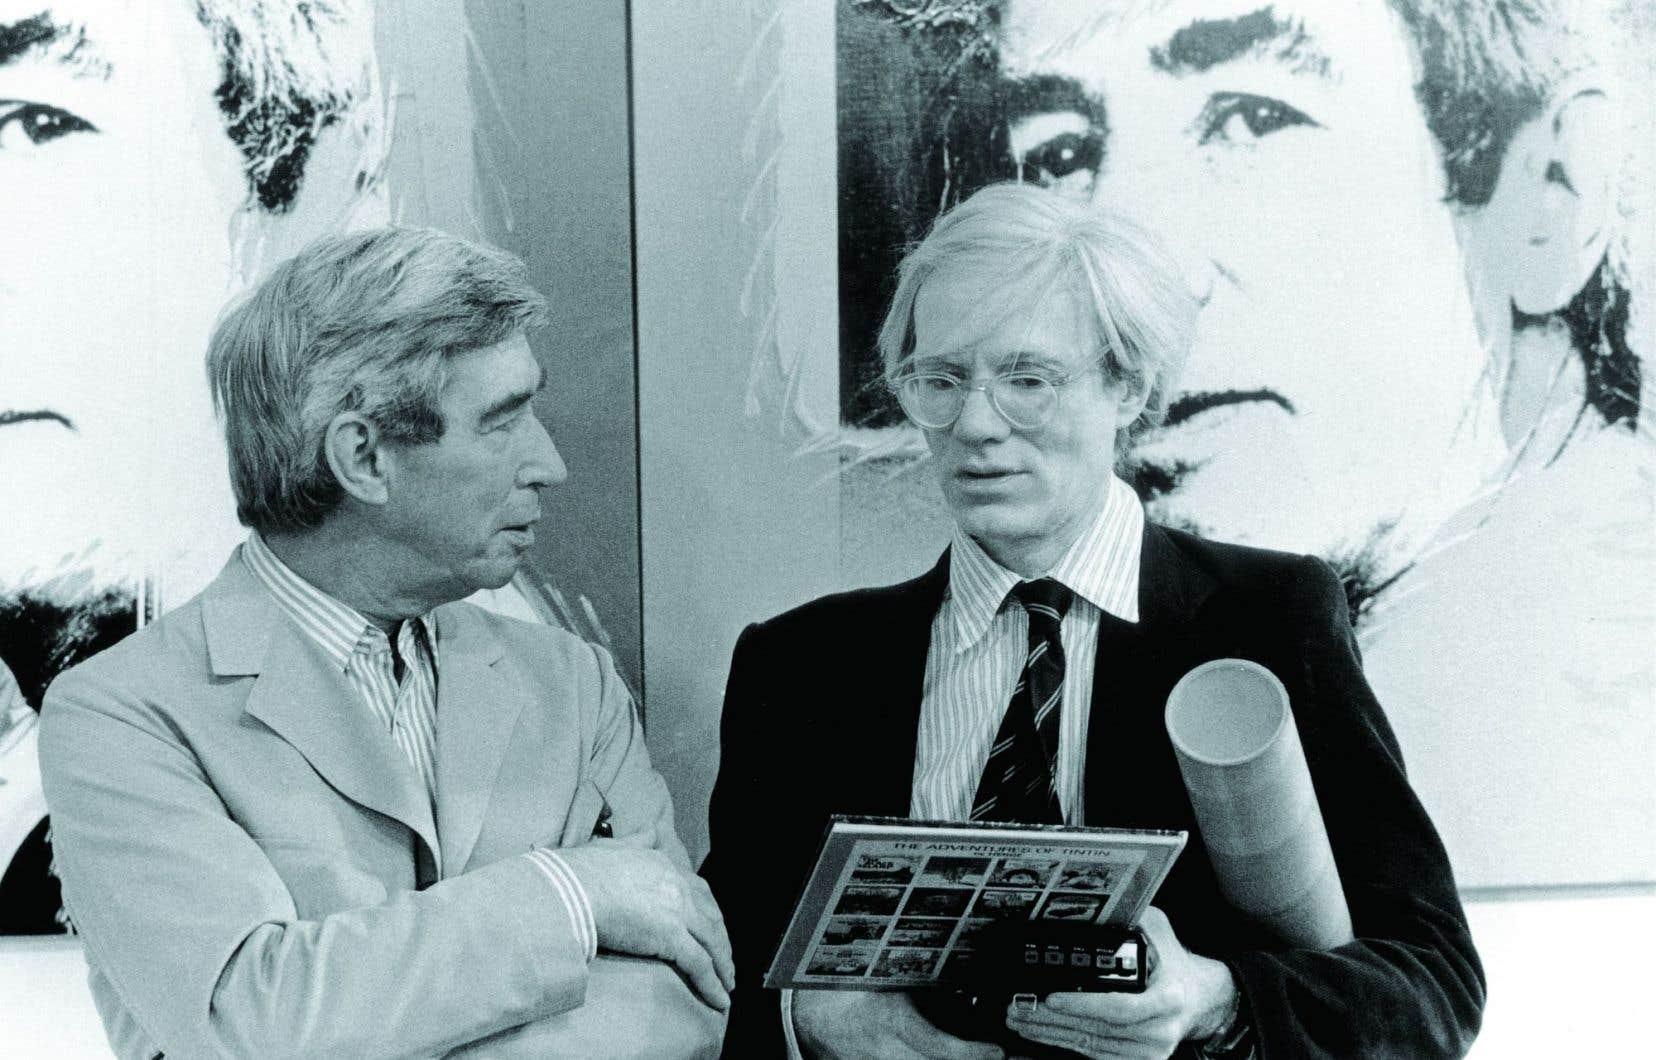 Le 26mai 1977, Andy Warhol (à droite) inaugure une exposition de ses œuvres à la galerie D de Bruxelles. Aux cimaises, les quatre portraits qu'il a réalisés d'Hergé. Le même jour, le père de Tintin lui fera découvrir ses studios.